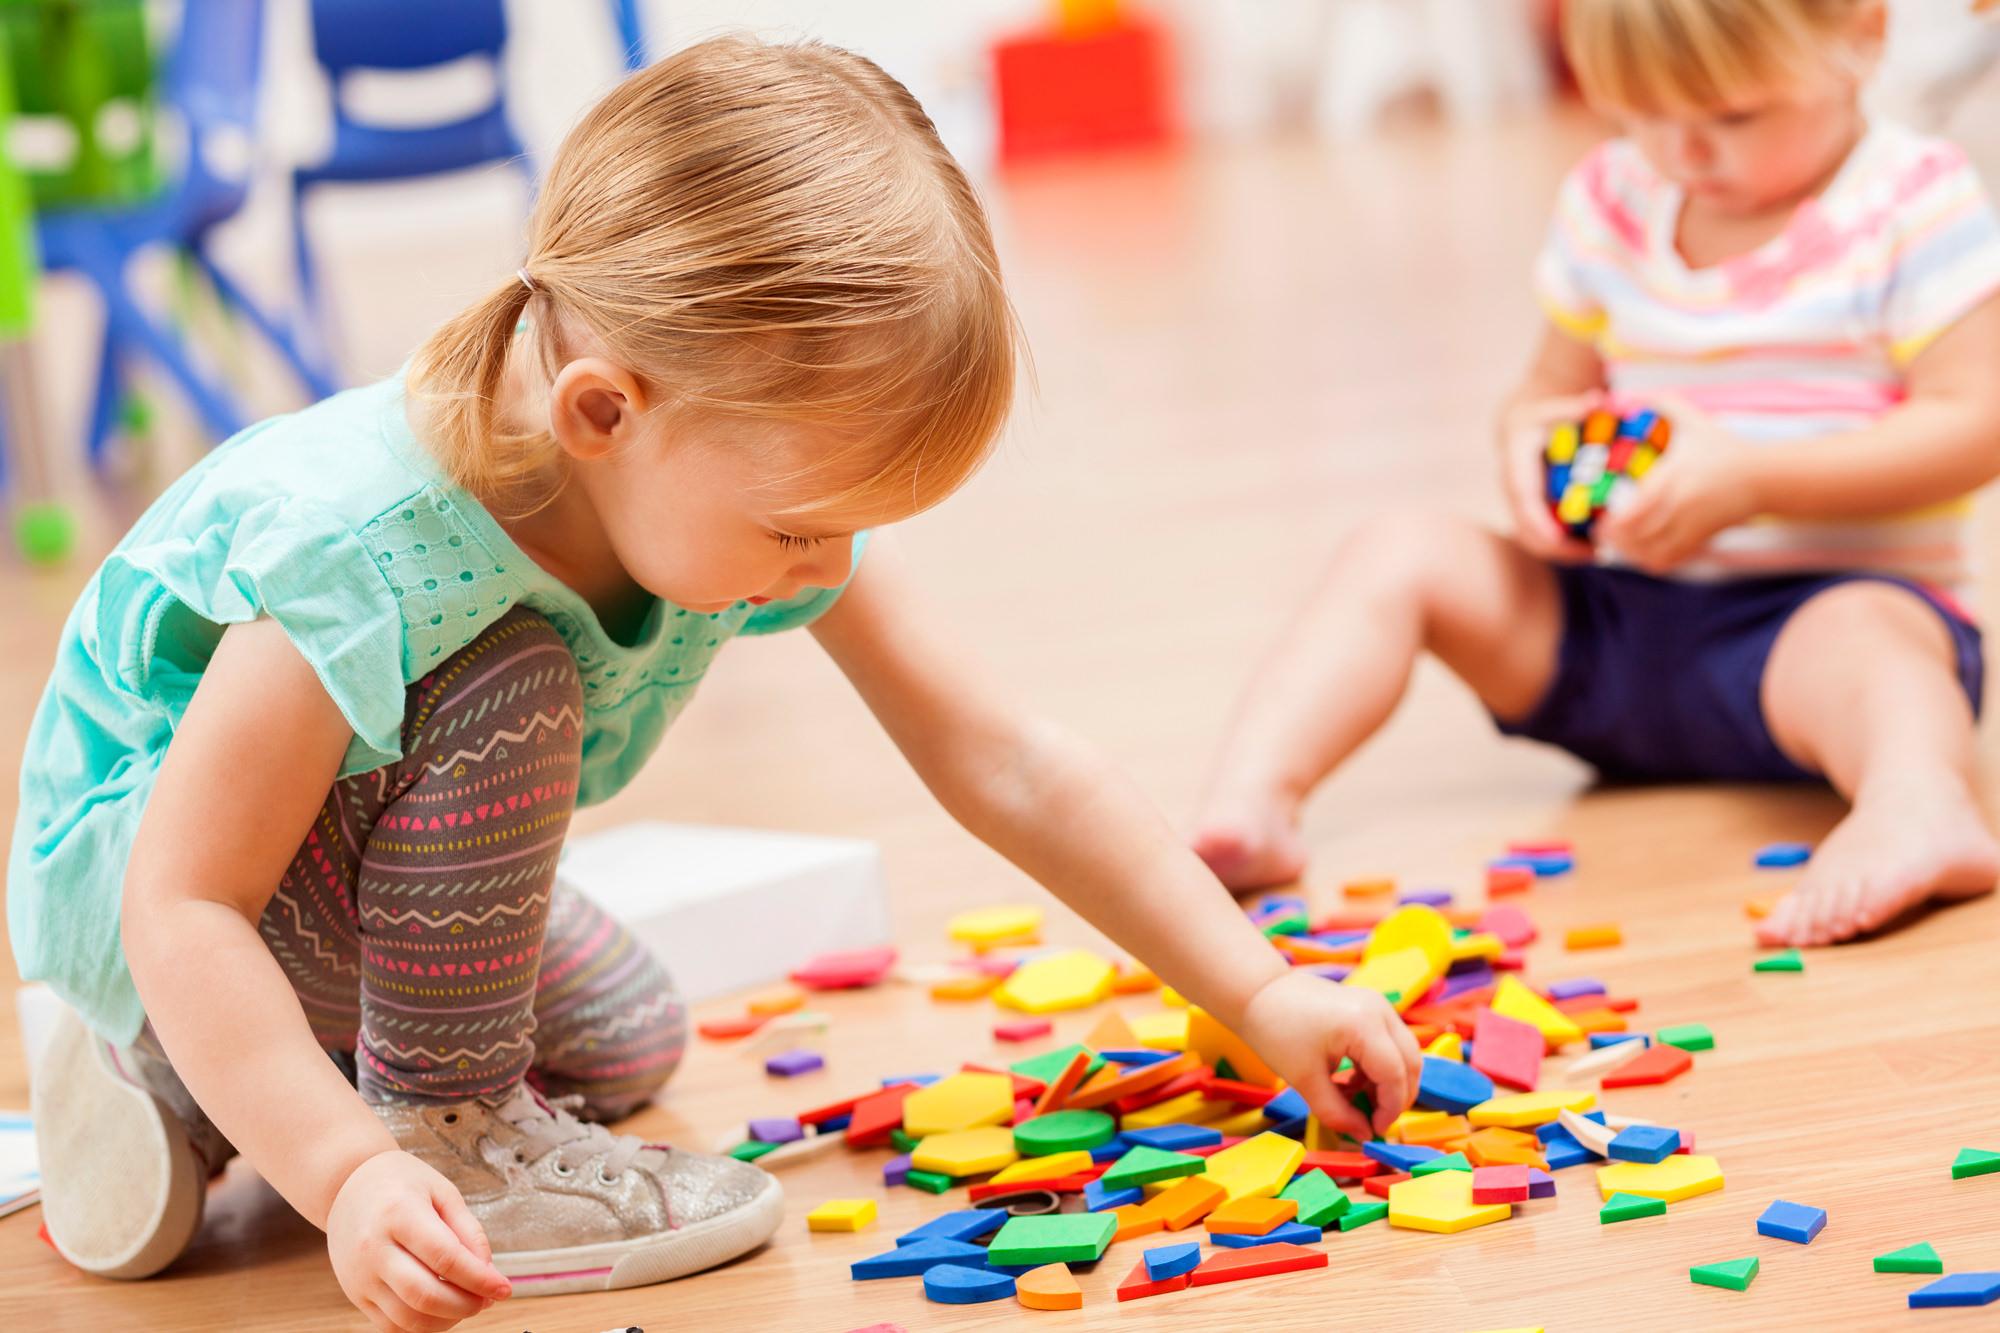 Perturbações do Espectro do Autismo